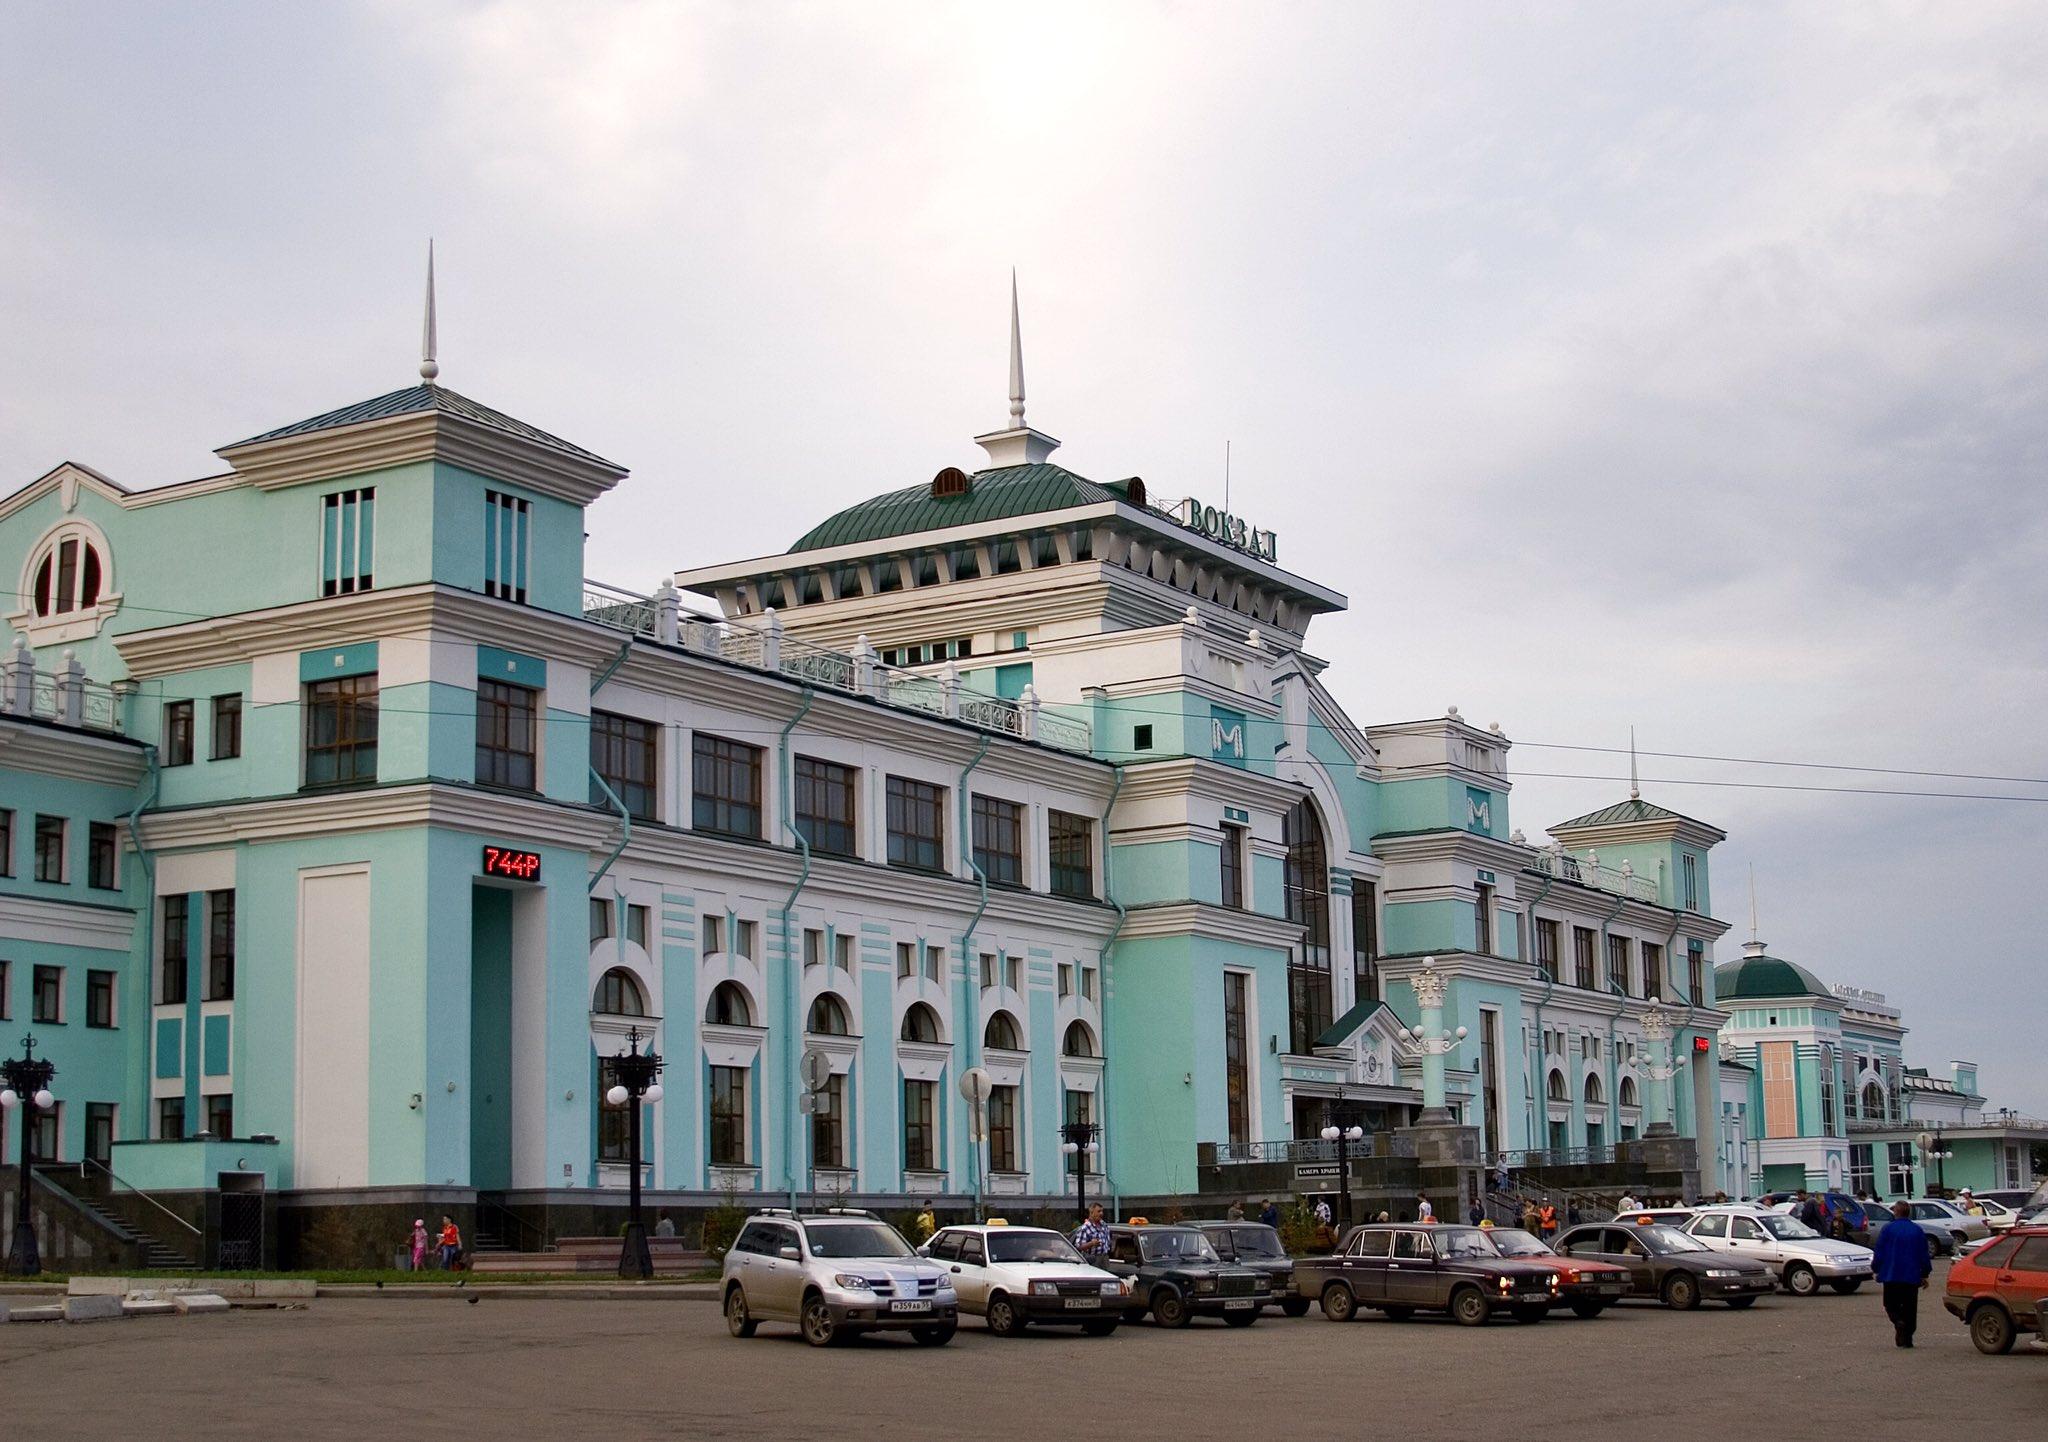 сути фотографии железнодорожного вокзала омска волжская гавань, живописное